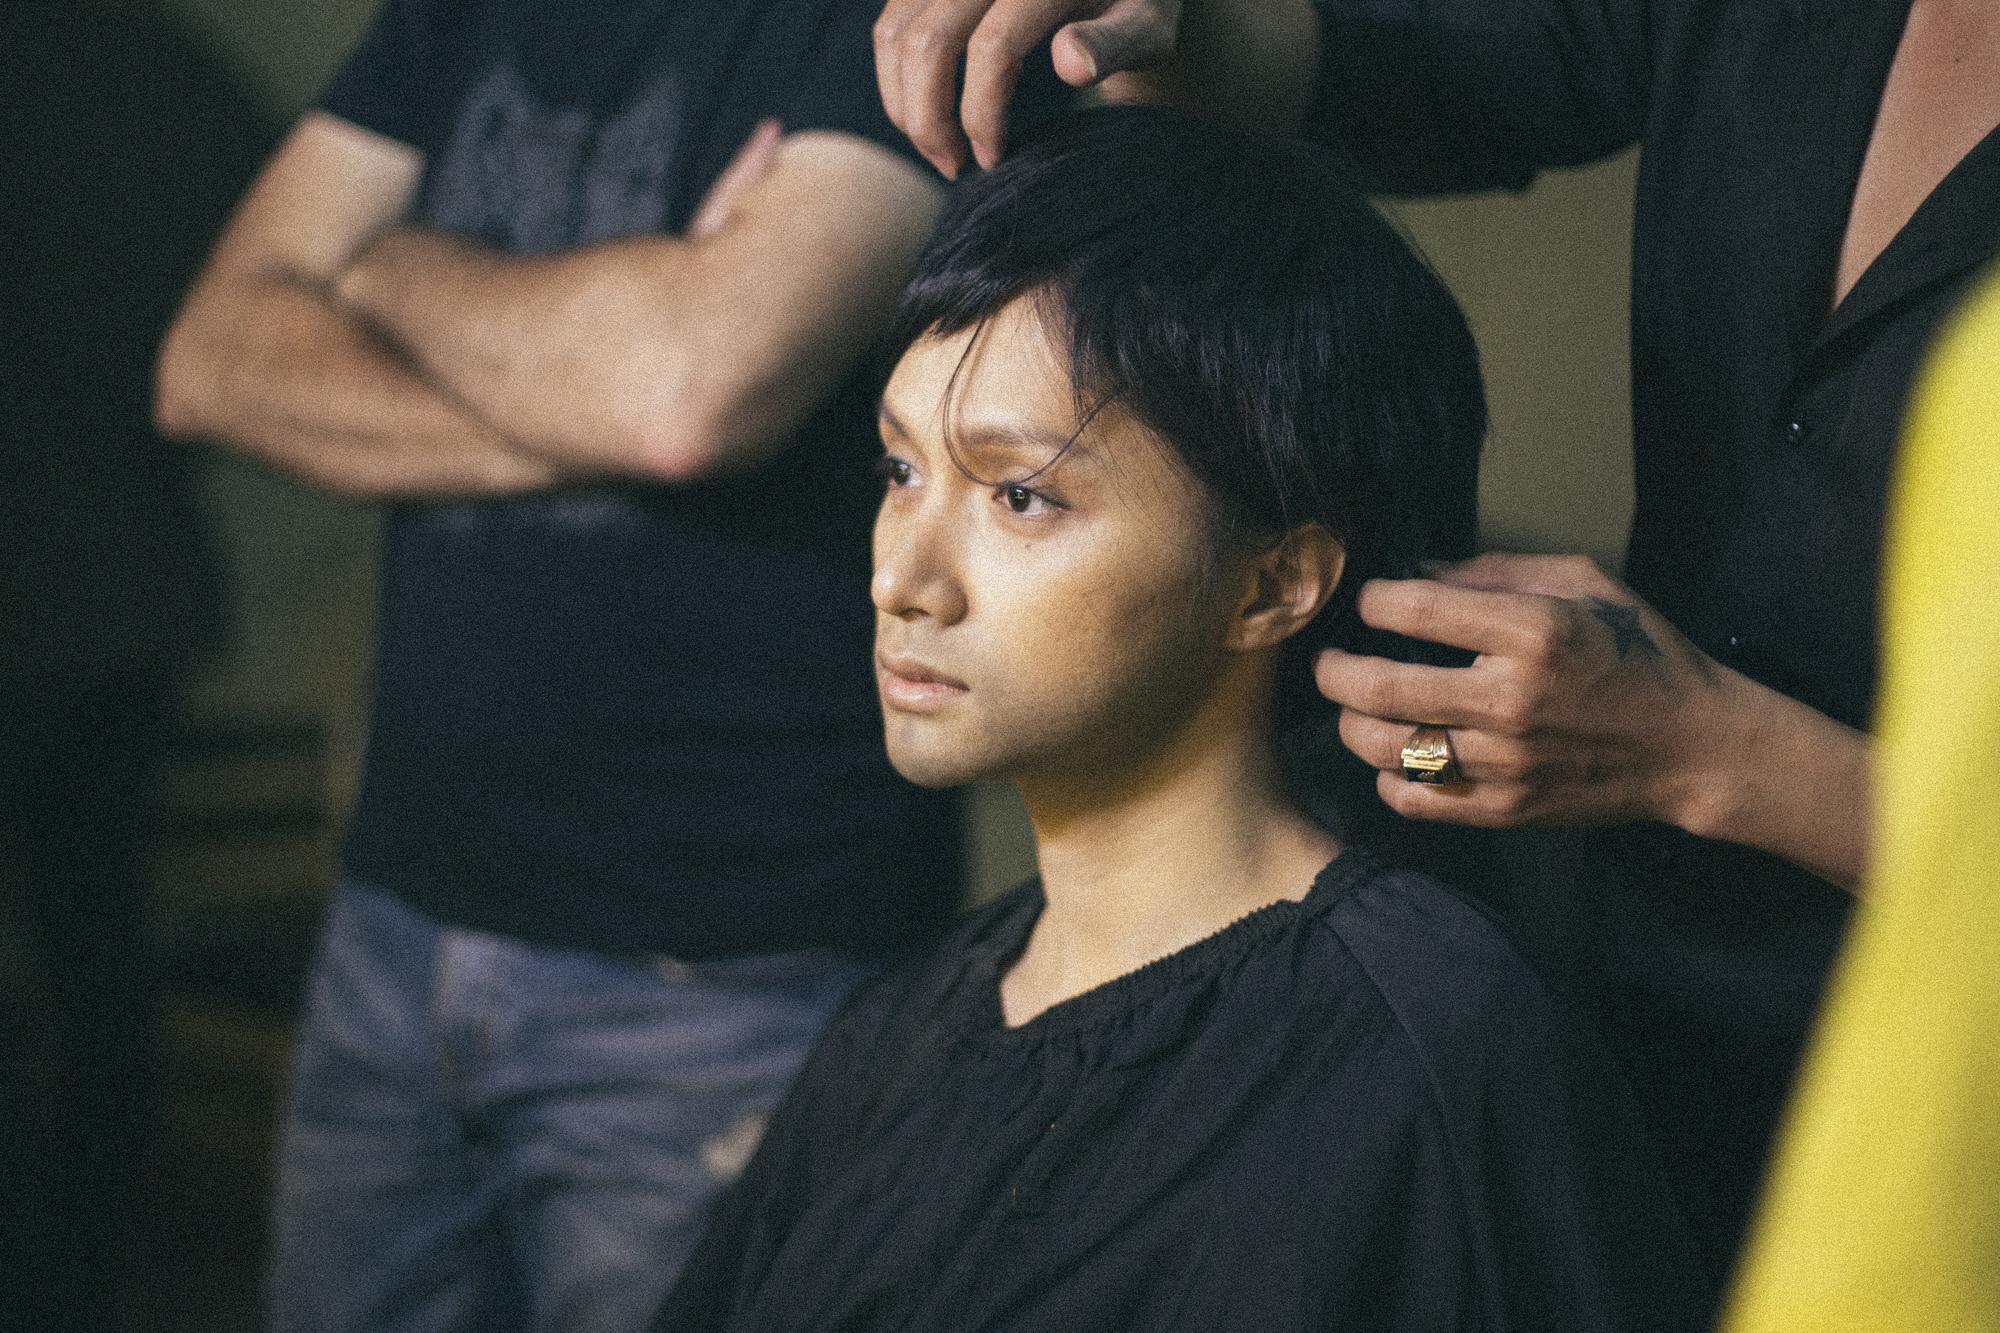 Hương Giang lộ ảnh râu ria thời còn làm đàn ông, cấp tốc đi chuyển giới chui ở Sắc Đẹp Dối Trá - Ảnh 2.